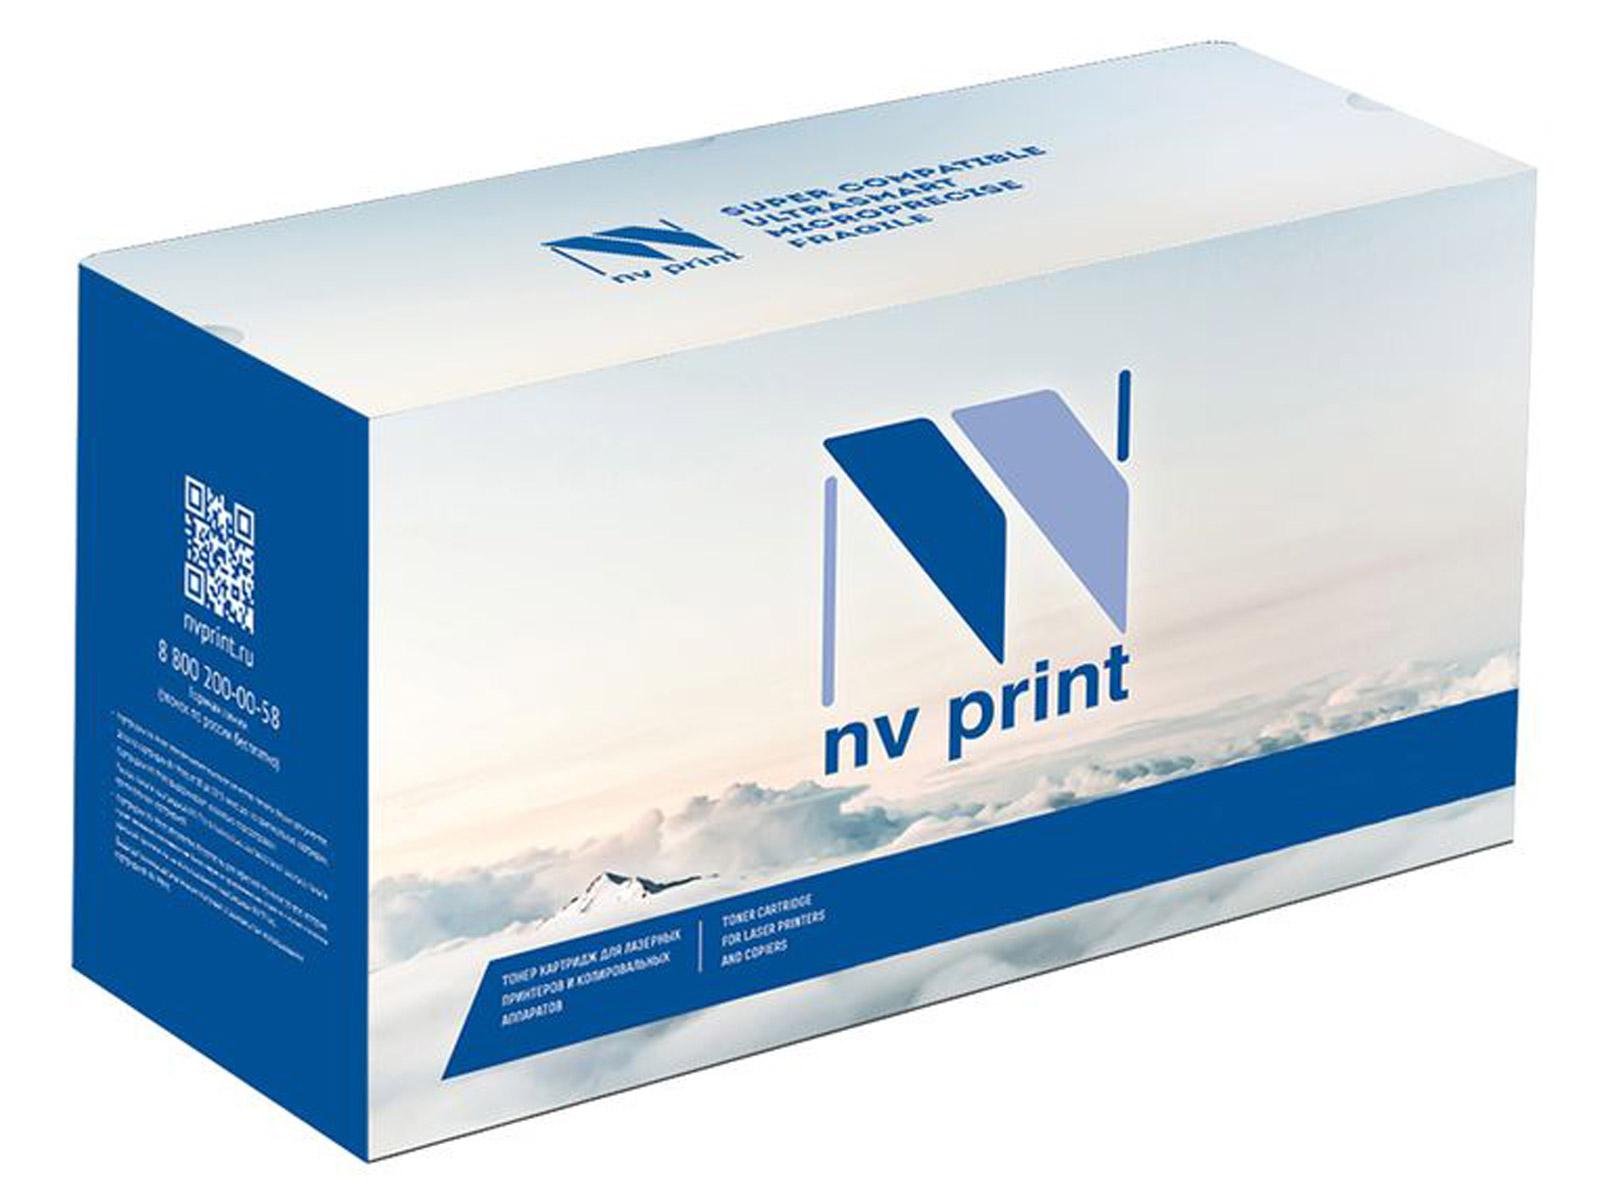 NV Print 106R01159, Black тонер-картридж для Xerox Phaser 3117/3122/3124NV-106R01159Совместимый лазерный картридж NV Print 106R01159 для печатающих устройств Xerox Phaser - это альтернатива приобретению оригинальных расходных материалов. При этом качество печати остается высоким. Картридж обеспечивает повышенную чёткость чёрного текста и плавность переходов оттенков серого цвета и полутонов, позволяет отображать мельчайшие детали изображения.Лазерные принтеры, копировальные аппараты и МФУ являются более выгодными в печати, чем струйные устройства, так как лазерных картриджей хватает на значительно большее количество отпечатков, чем обычных. Для печати в данном случае используются не чернила, а тонер.